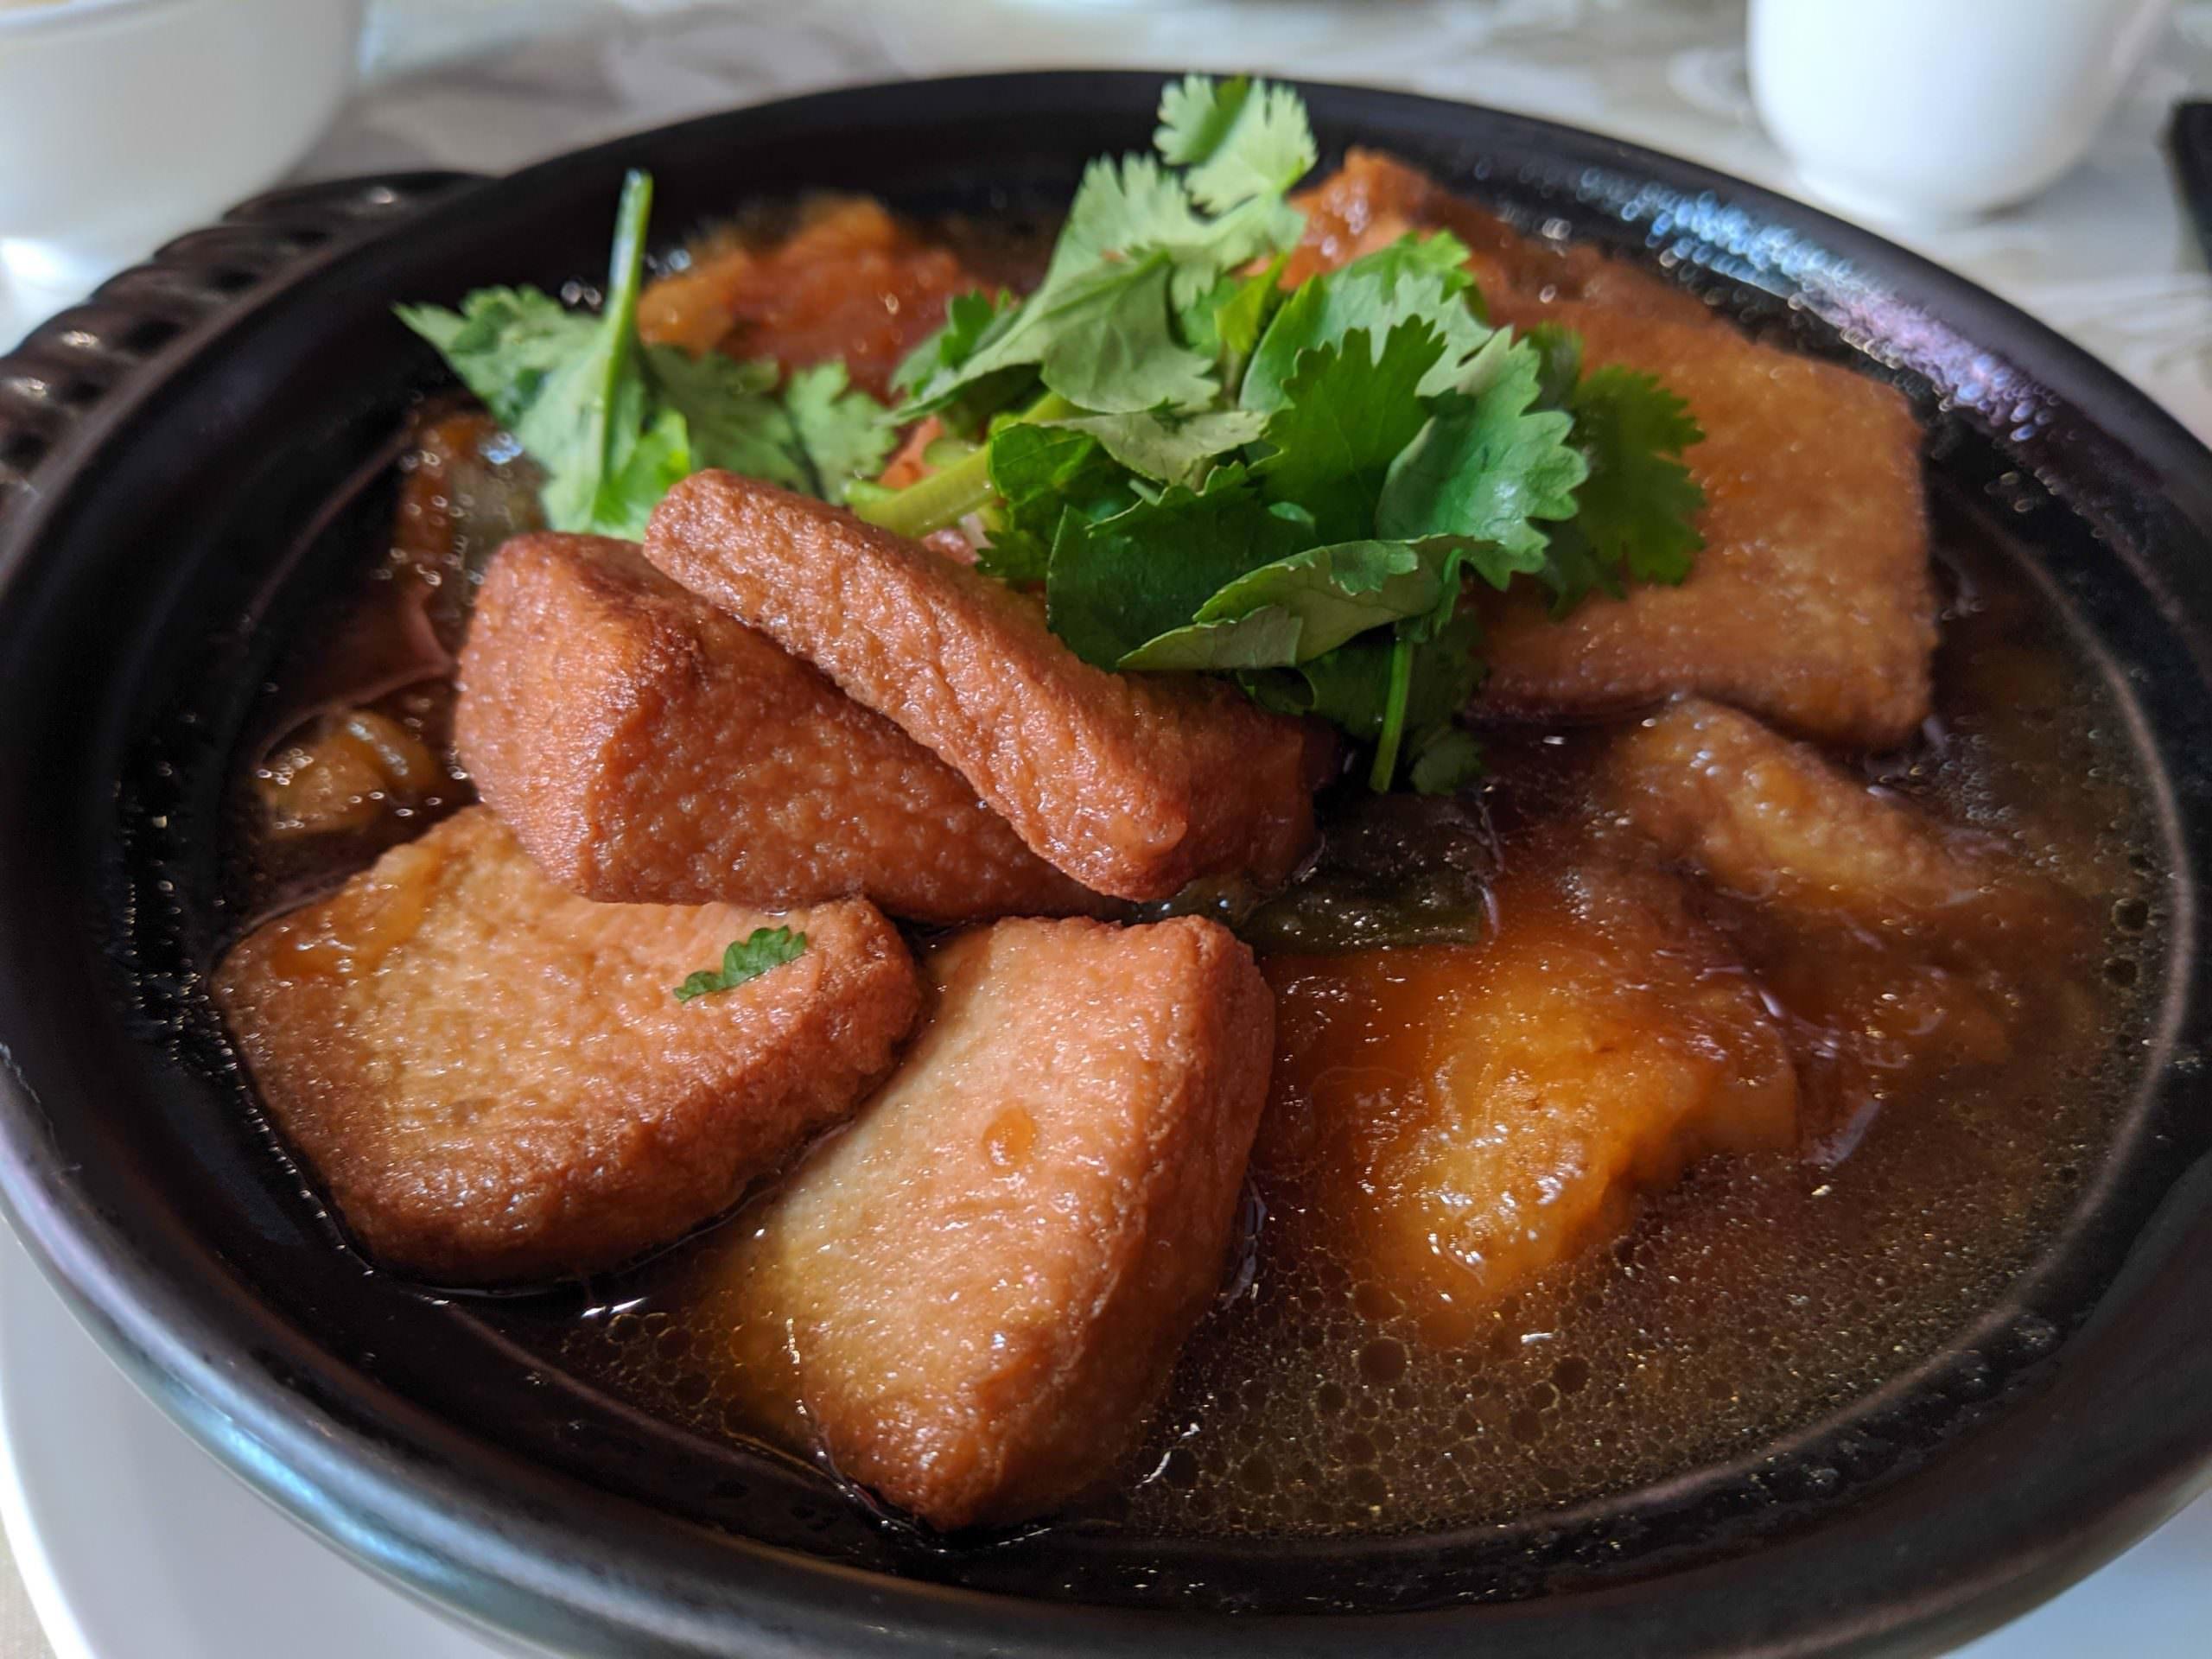 內湖台菜合菜上海菜源味軒炒菜熱炒聚餐